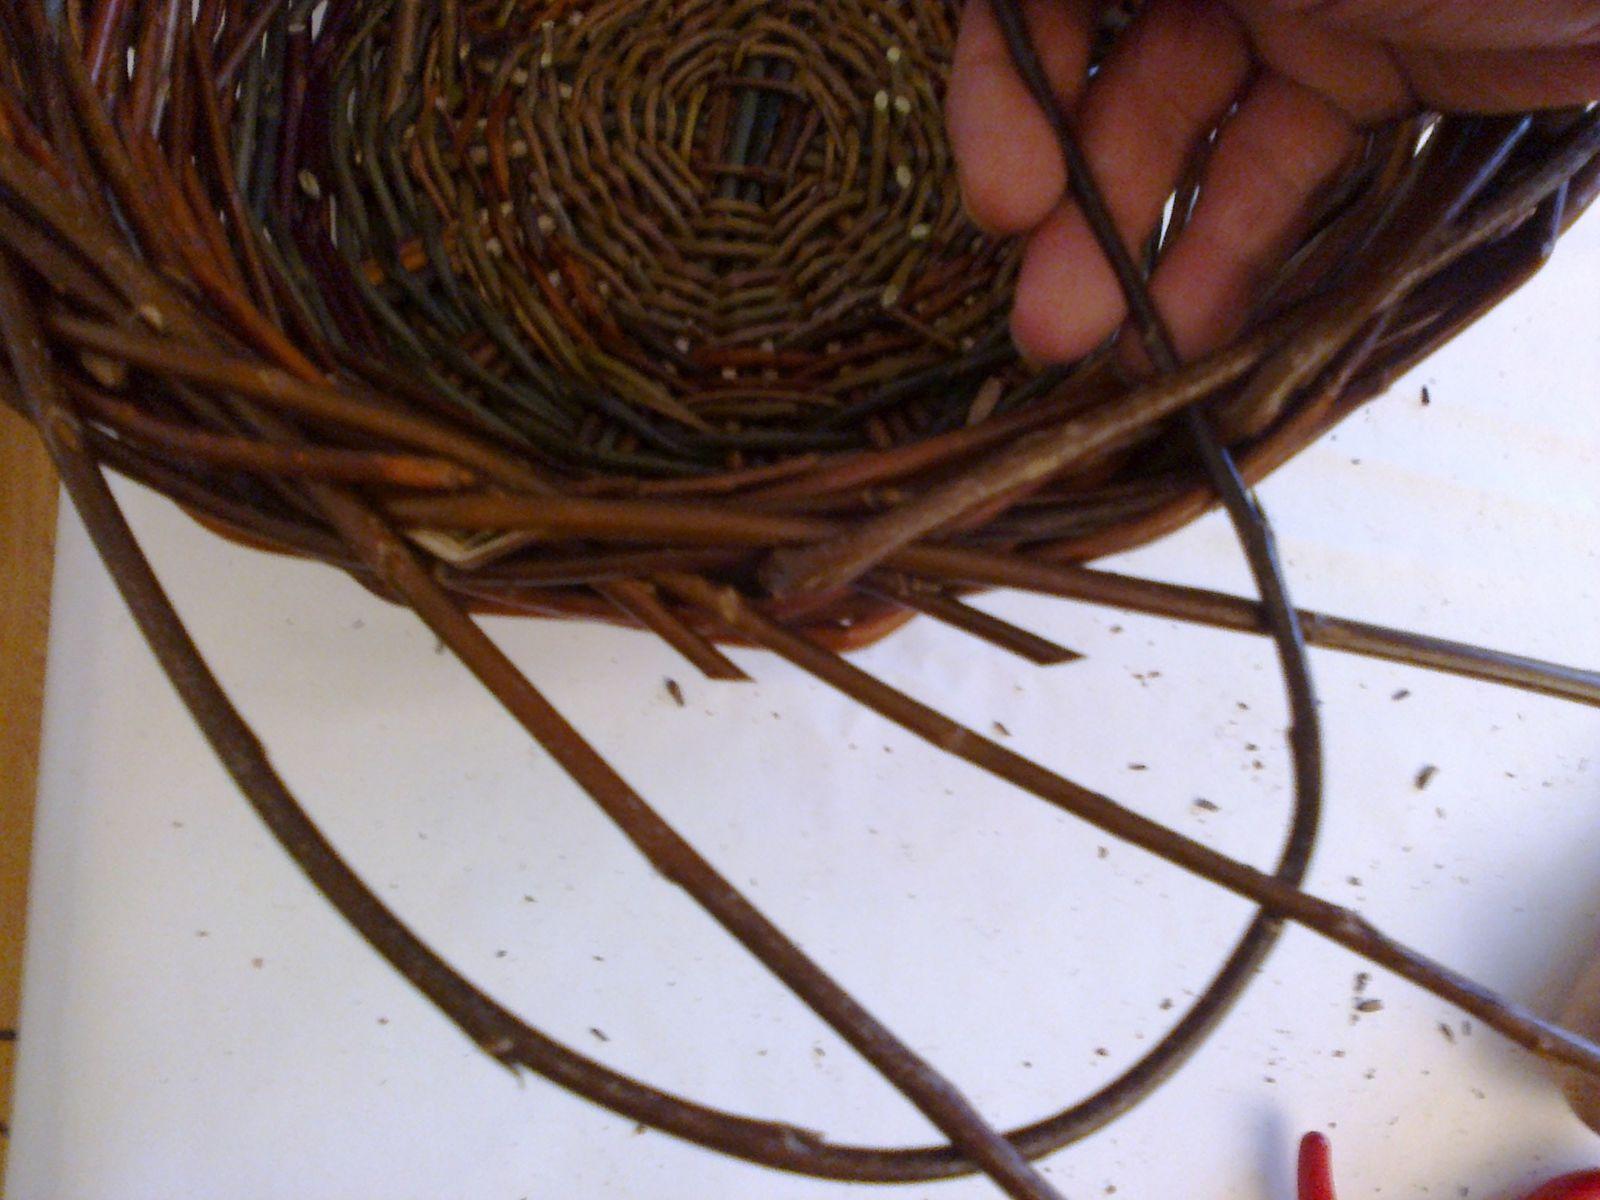 Cueille l'hiver, au moment de l'arrêt de sève, profite pour tailler les saules afin de prévoir la prochaine récolte. Les trier par tailles et par couleurs. Il ne reste plus qu' à tresser.